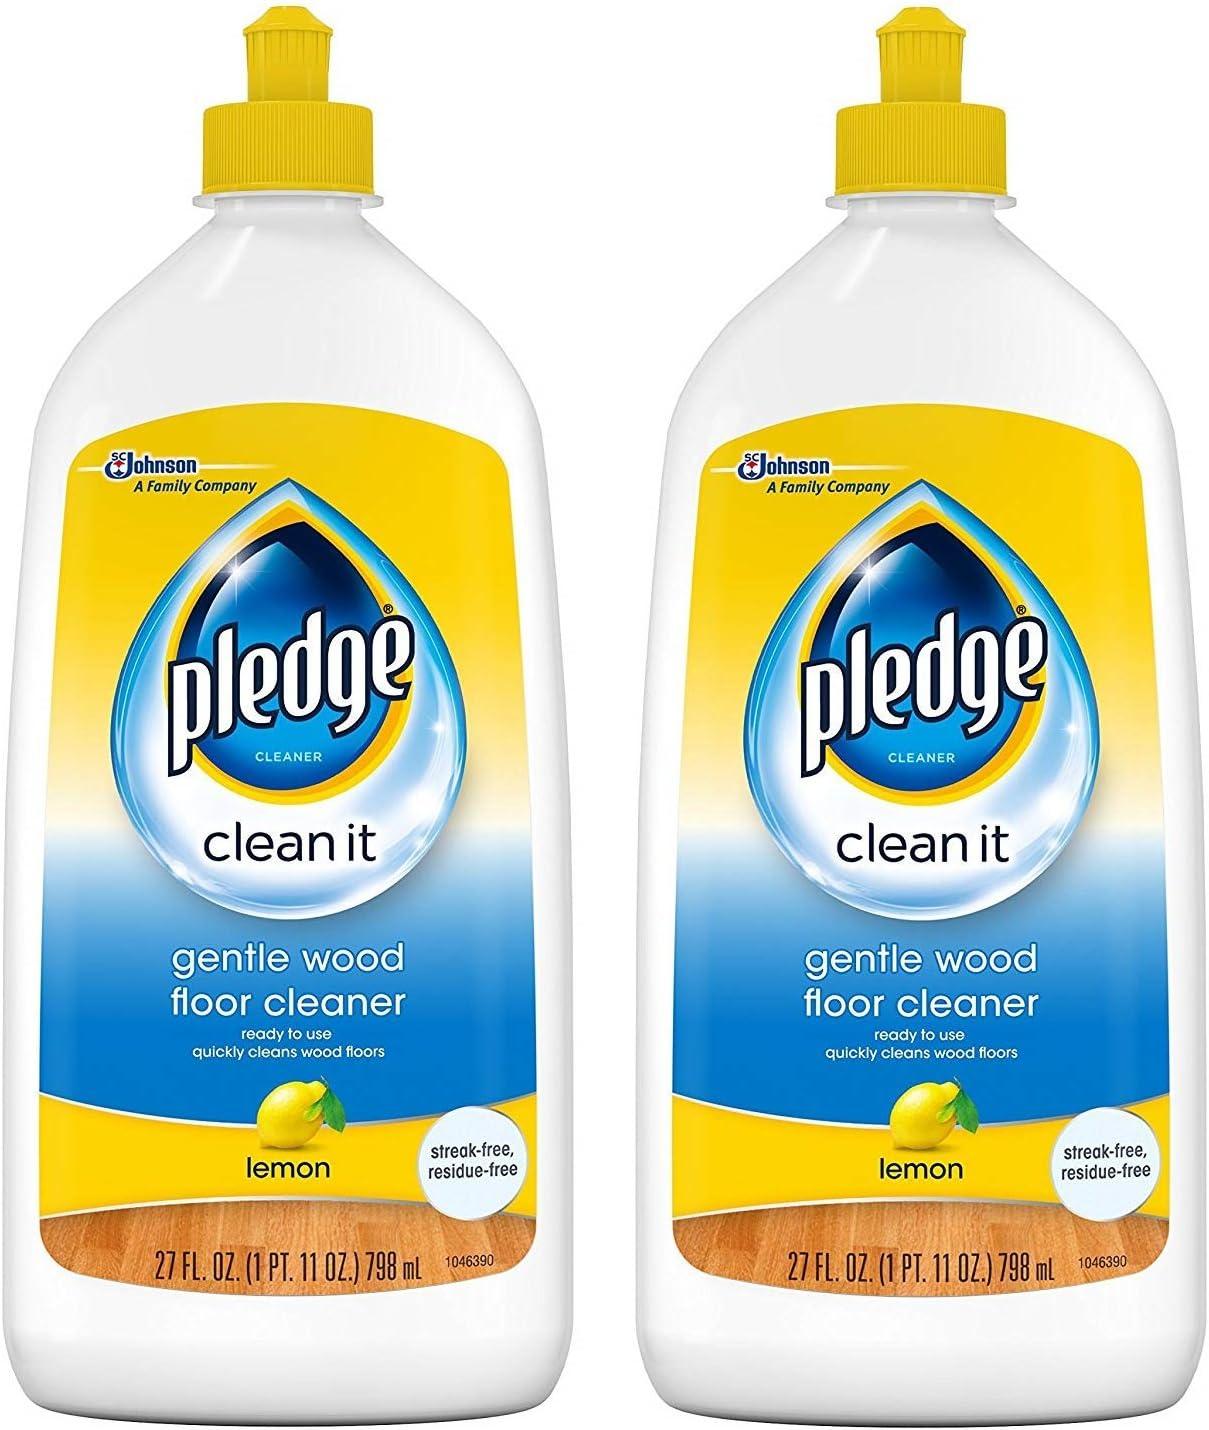 Pledge Gentle Wood Floor Cleaner Lemon 27 Quantity limited 2 Pack Ounces Scent Under blast sales